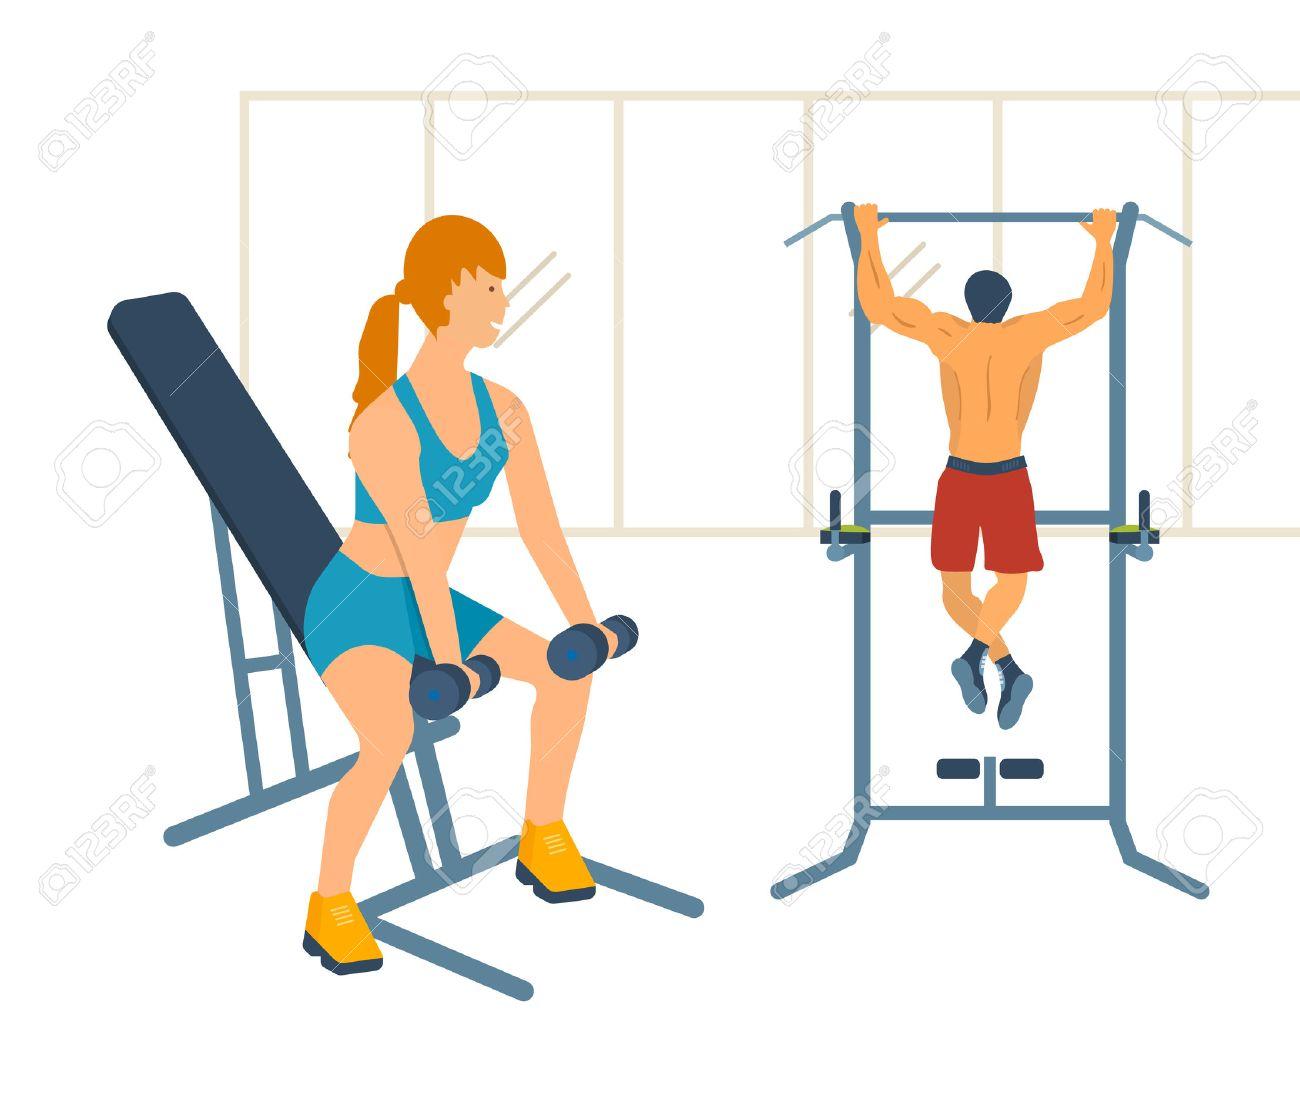 ダンベル ベンチに座って運動女性の漫画イラスト体育館で鉄棒に男